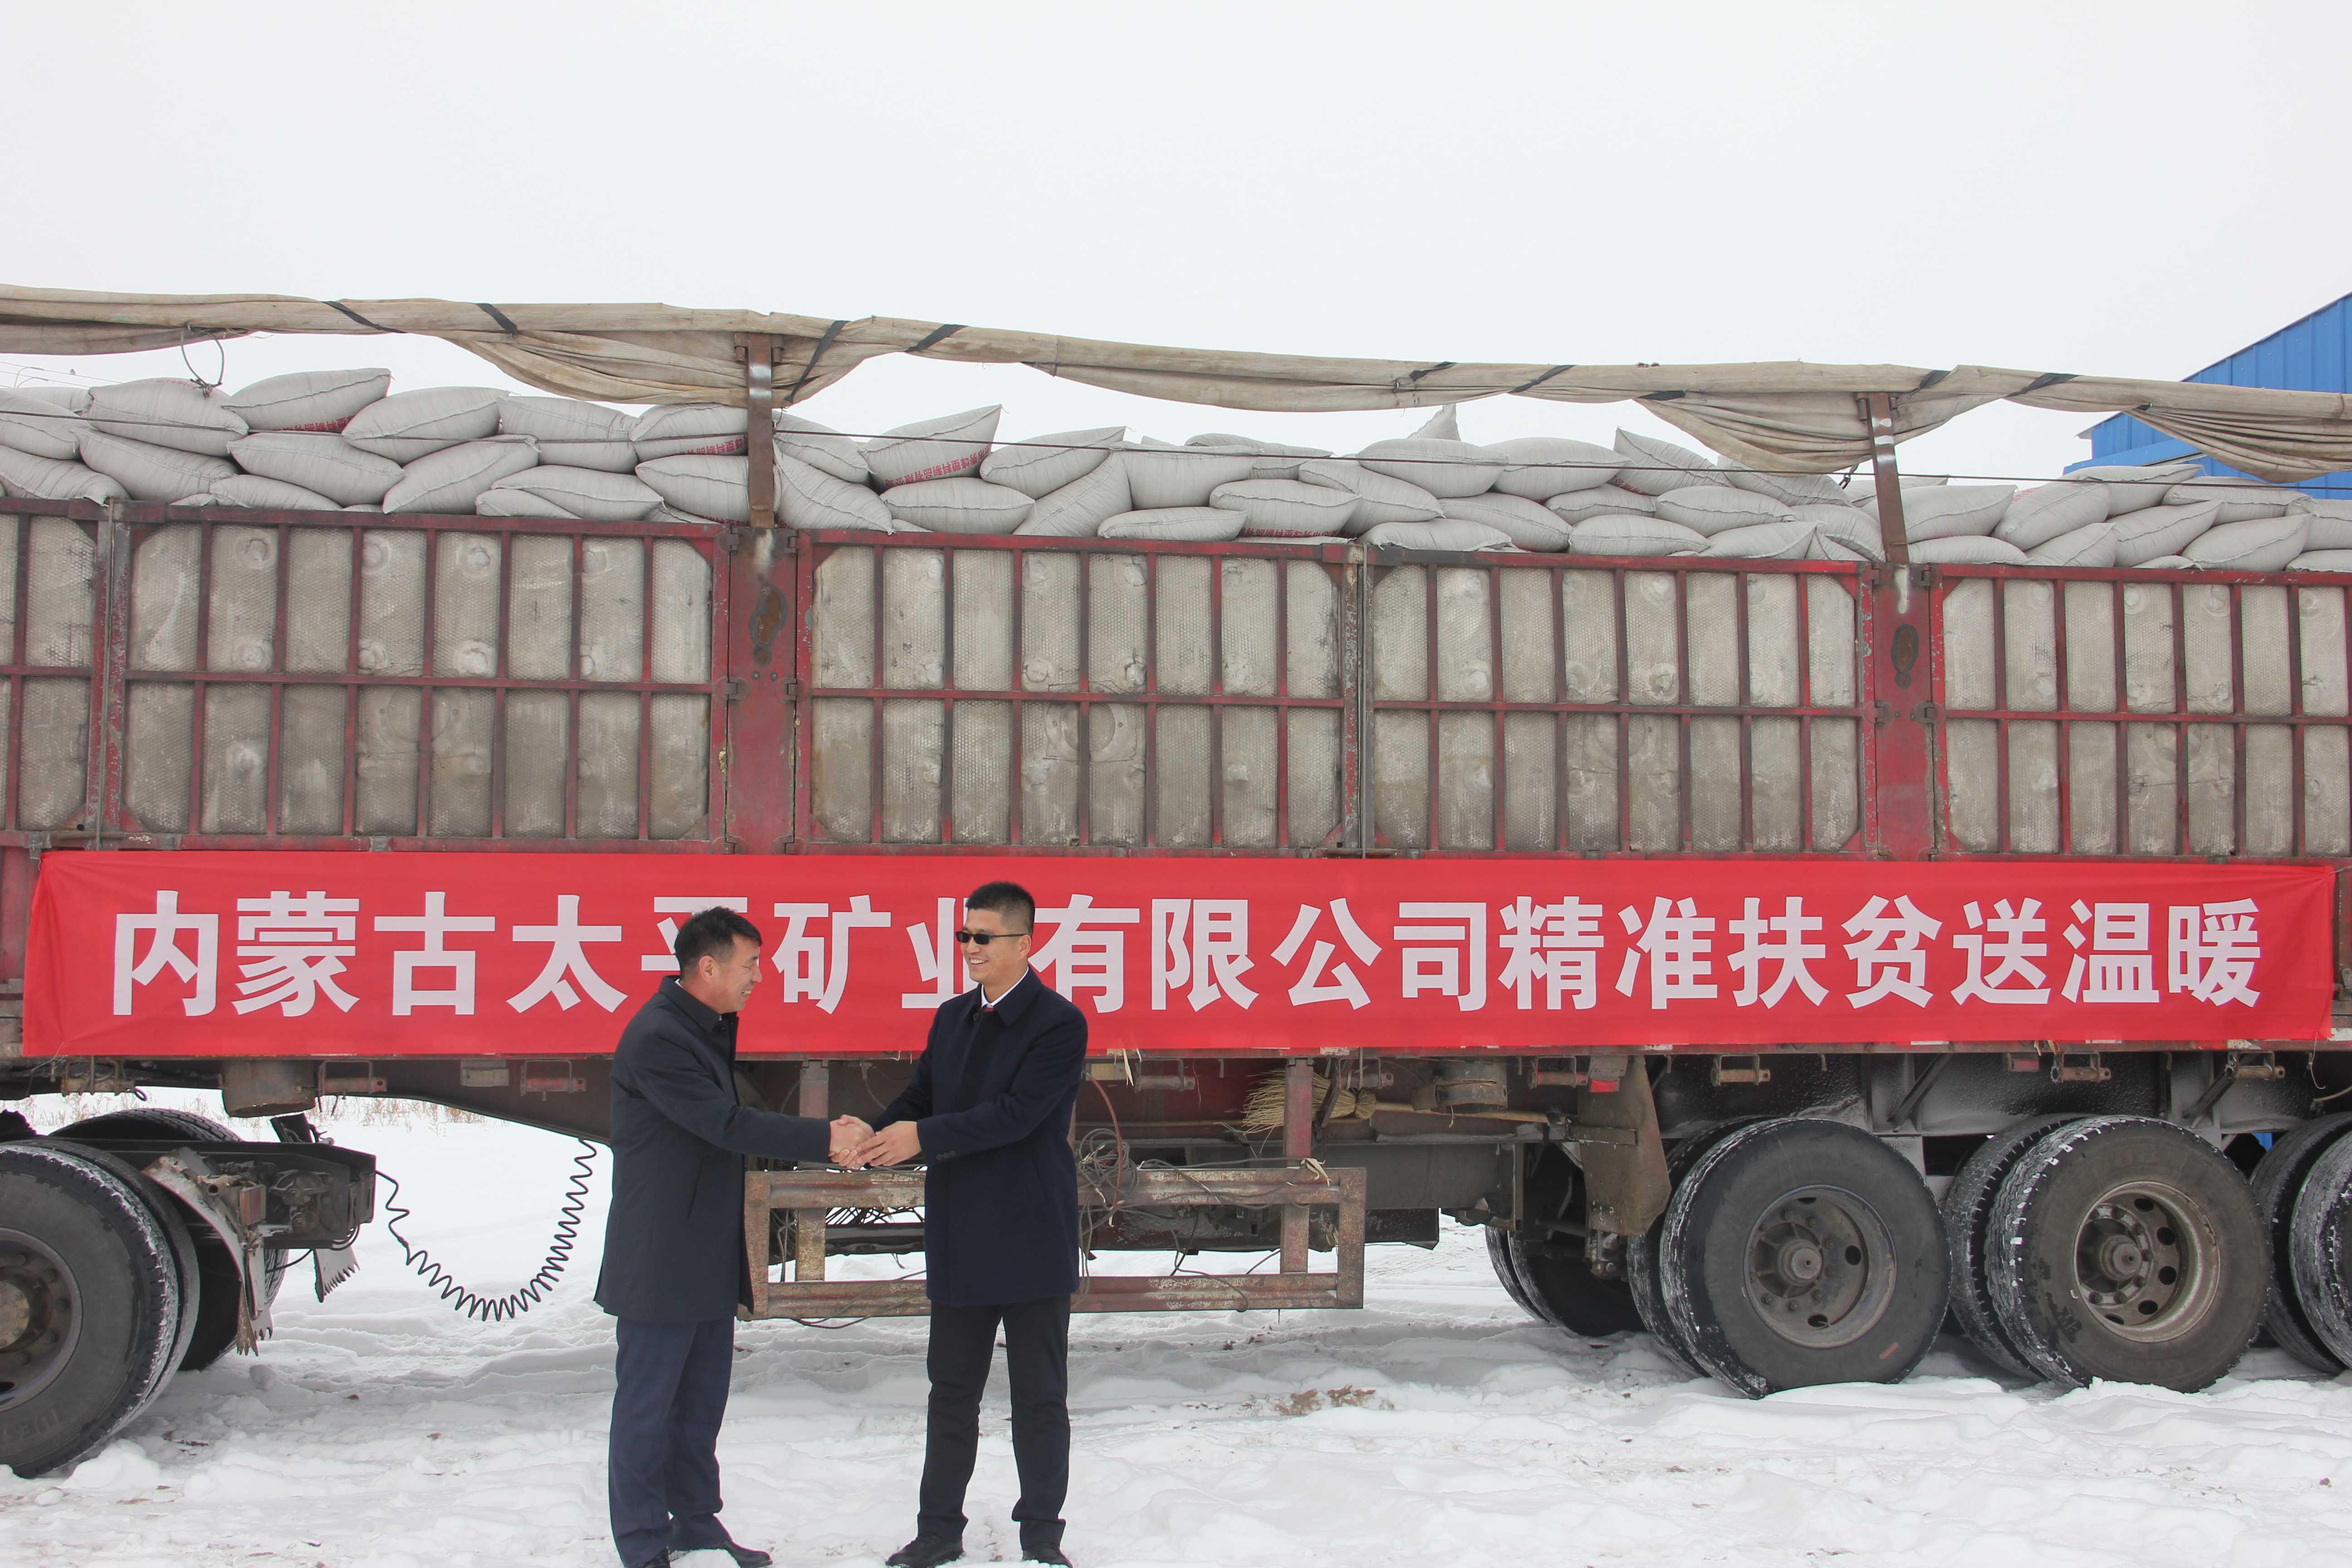 內蒙古太平精準扶貧送溫暖-新忽熱蘇木照日格圖蘇木達代表新忽熱牧民表示了誠摯謝意